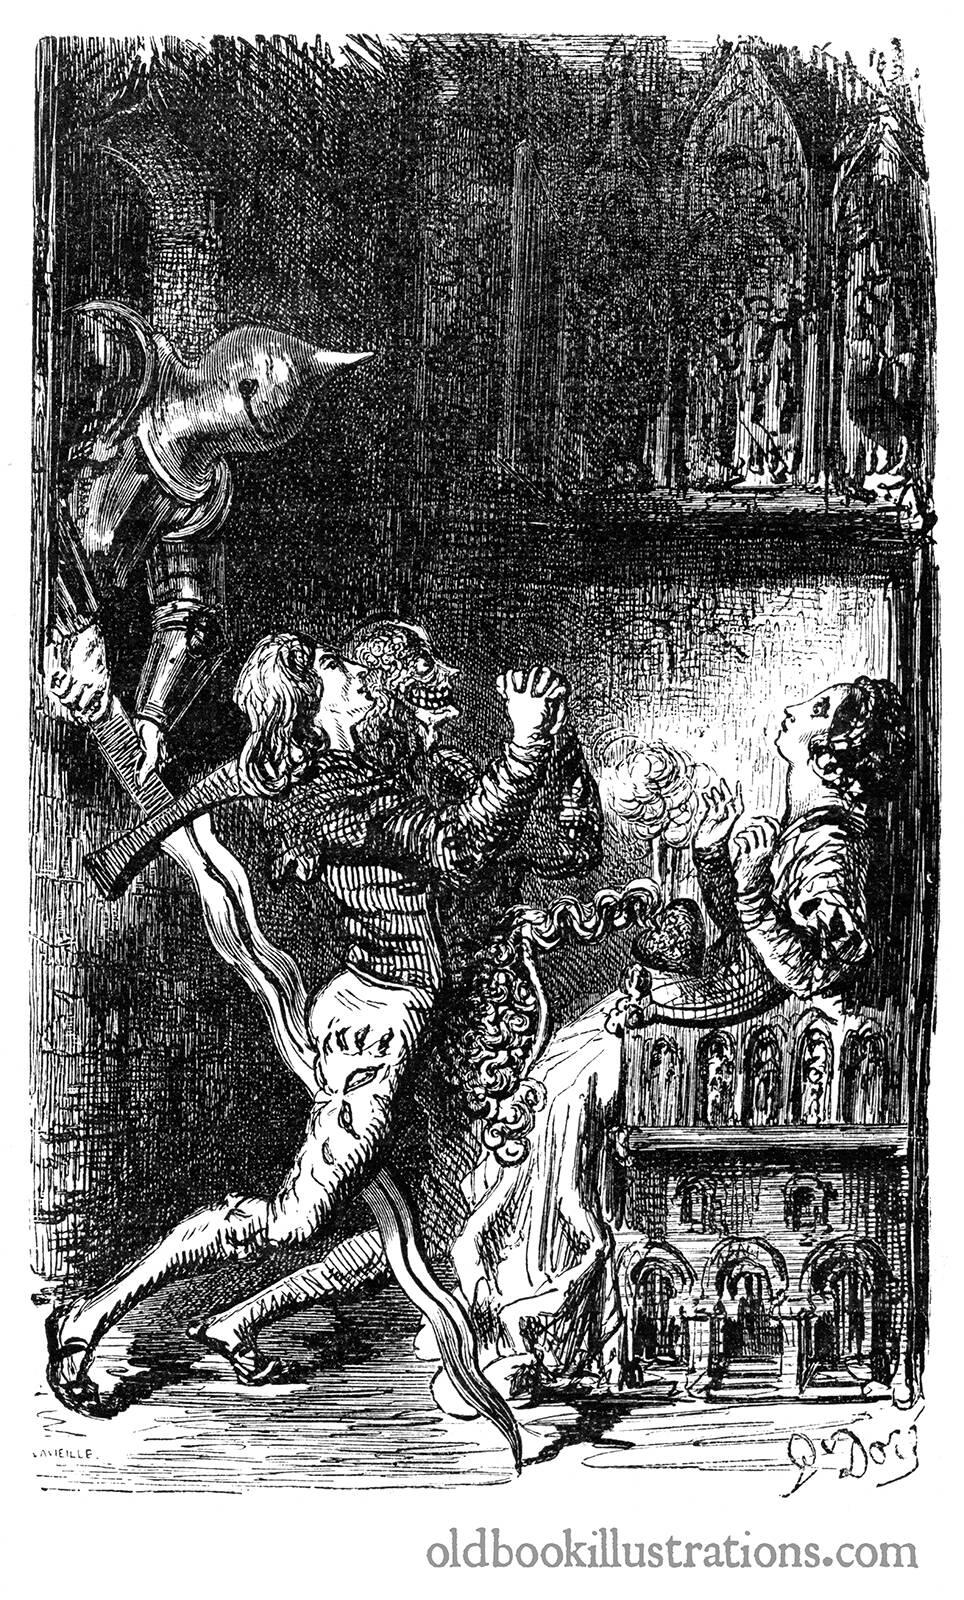 'El amante partido en dos', de Gustave Doré